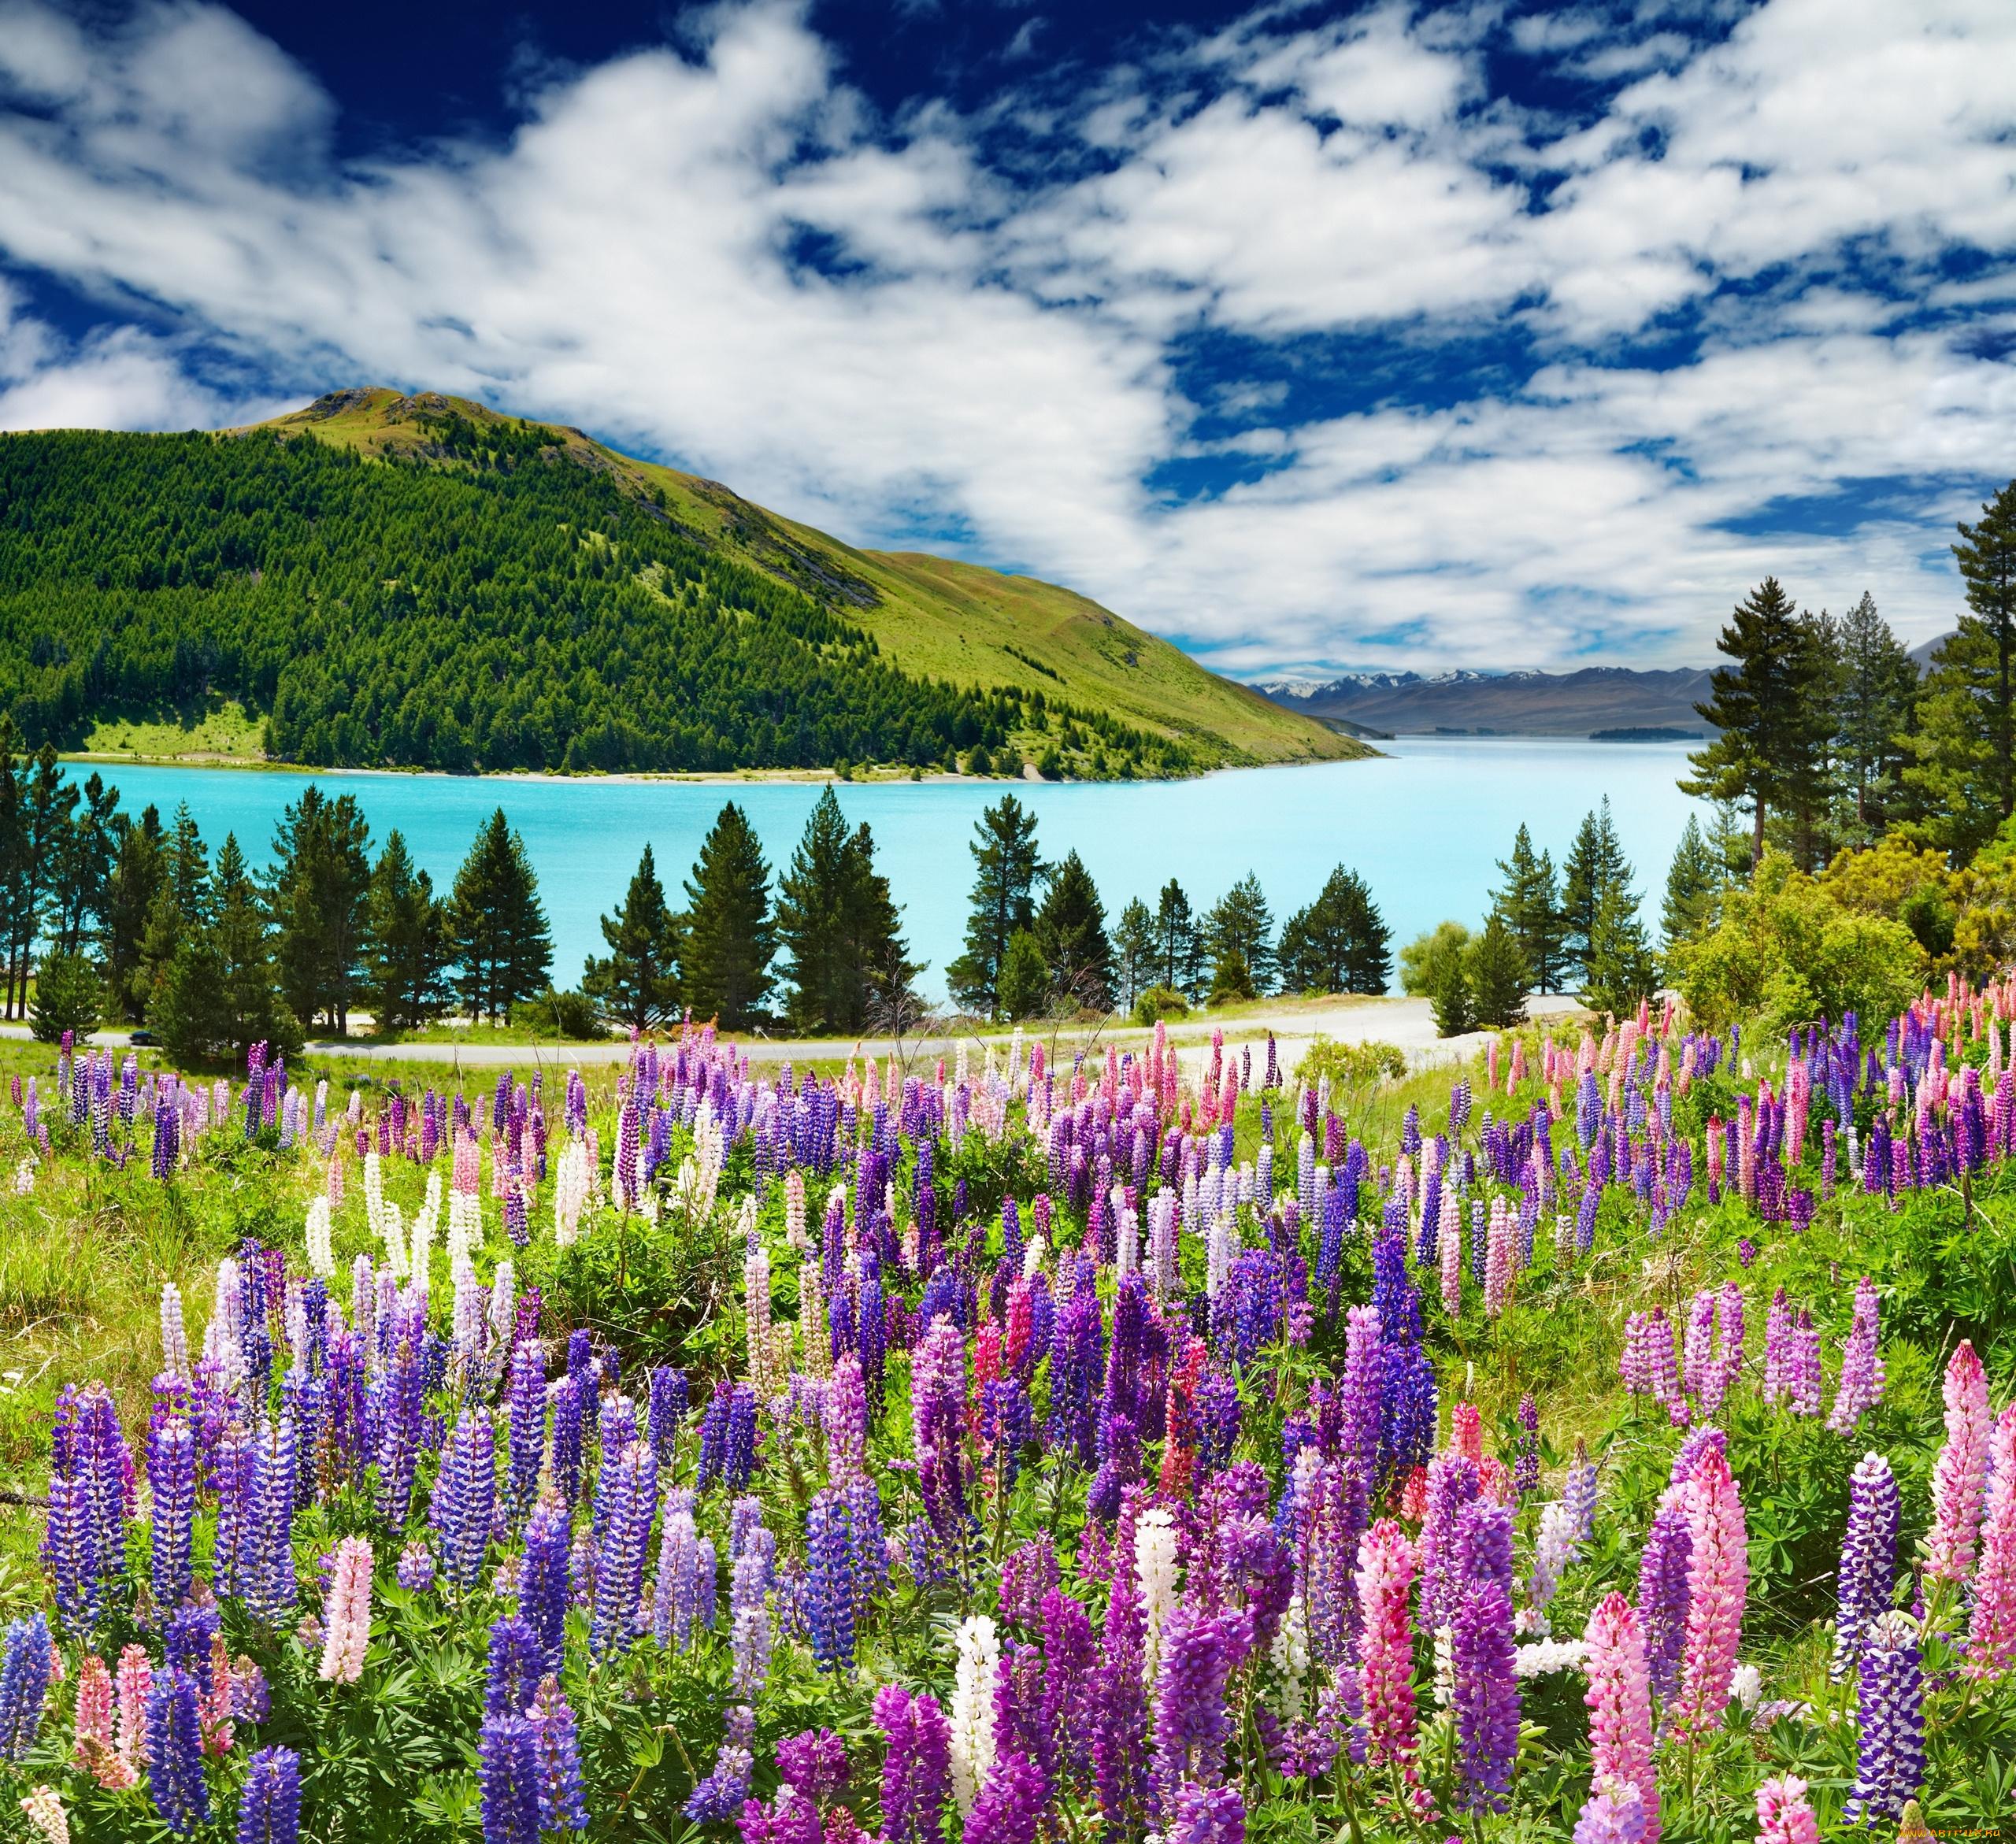 природа небо облака озеро трава горы скачать